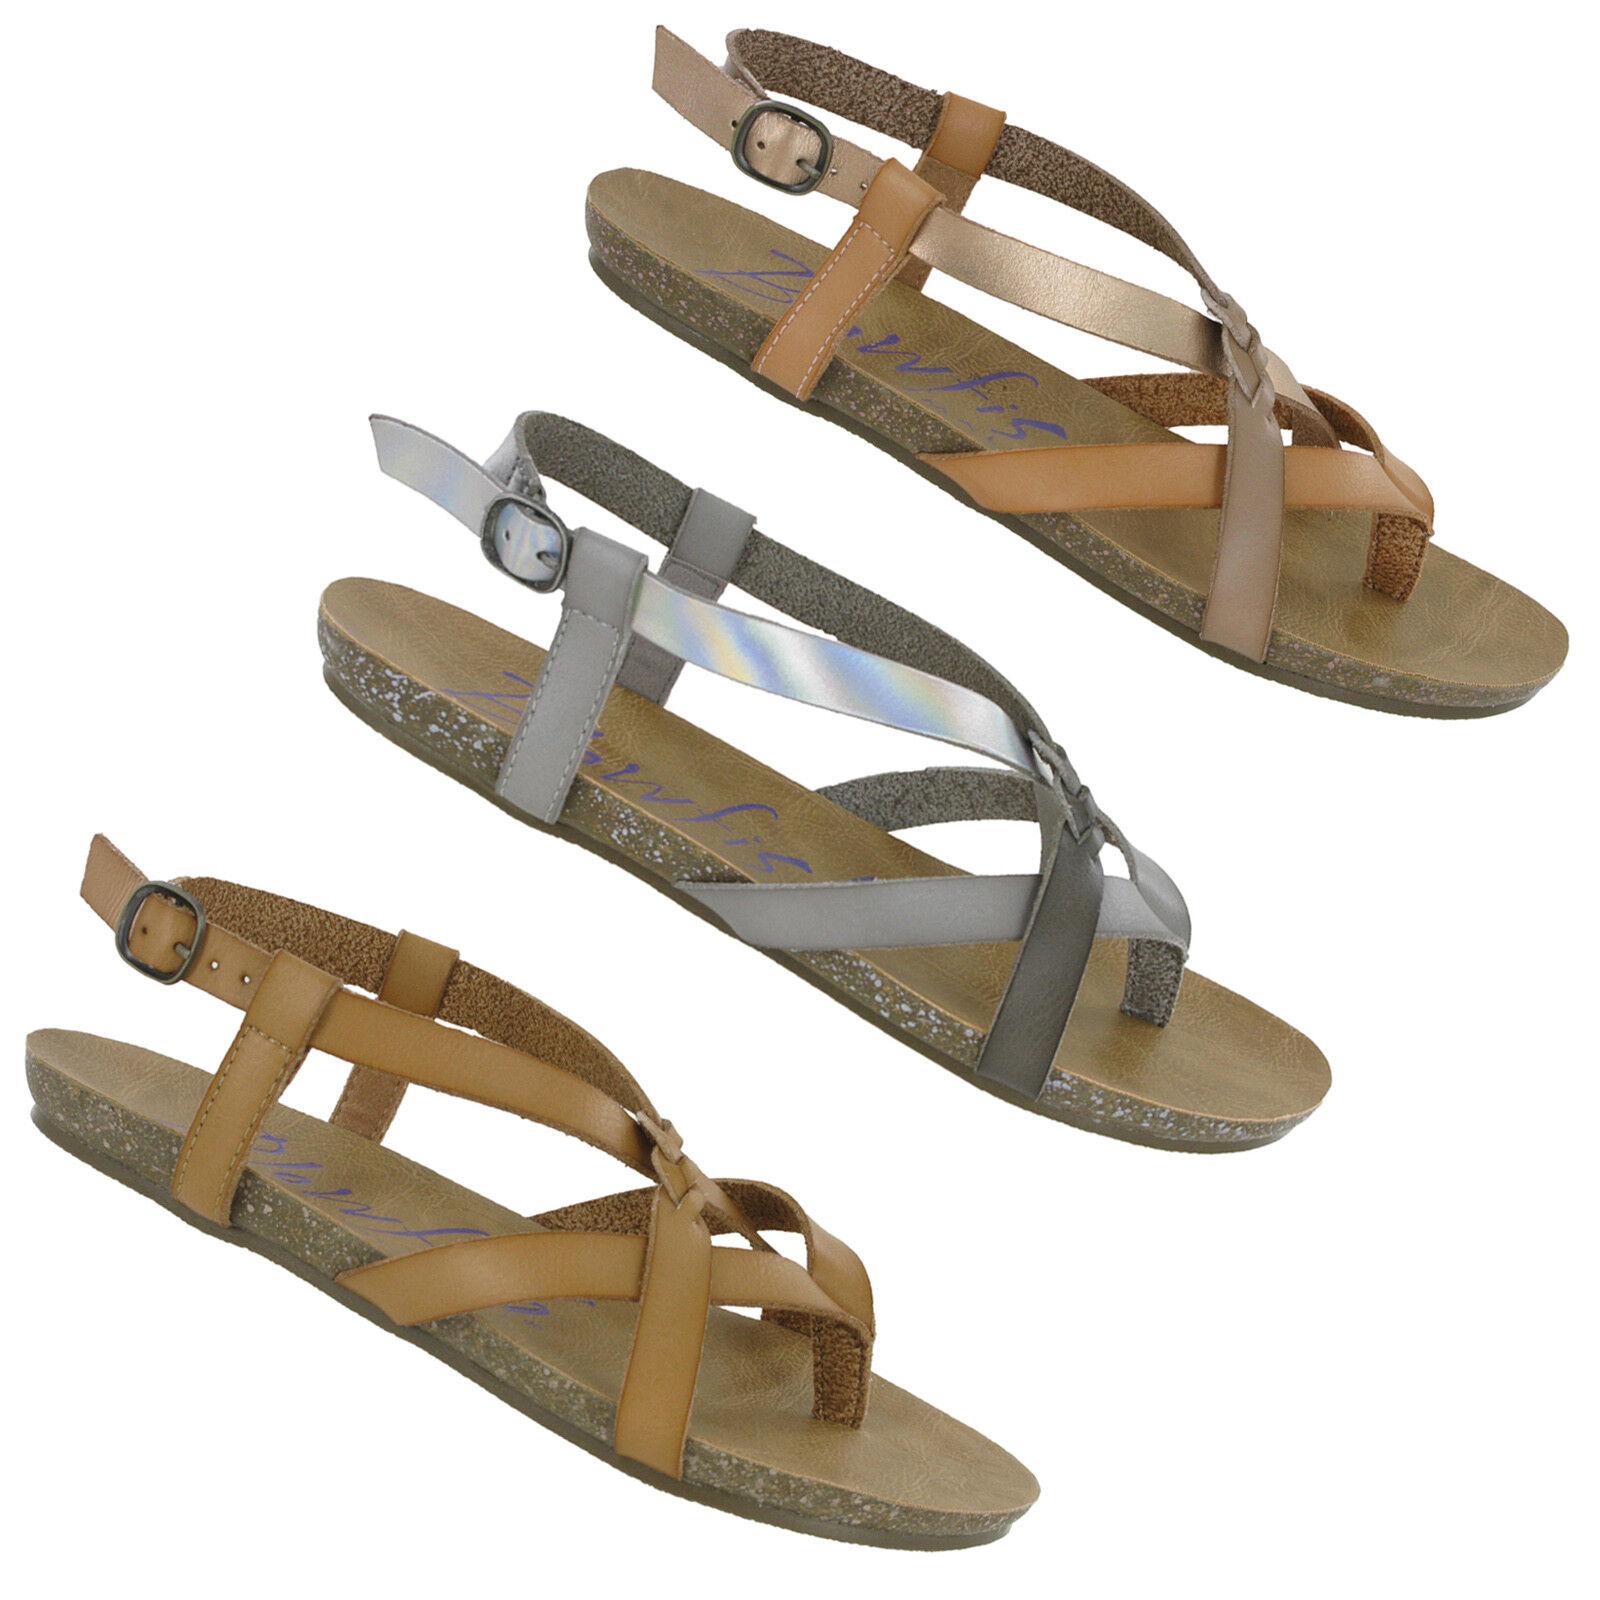 Blowfish Granola Planos Mujer Punta Abierta Sandalias de Moda Informal Informal Informal Zapatos  protección post-venta